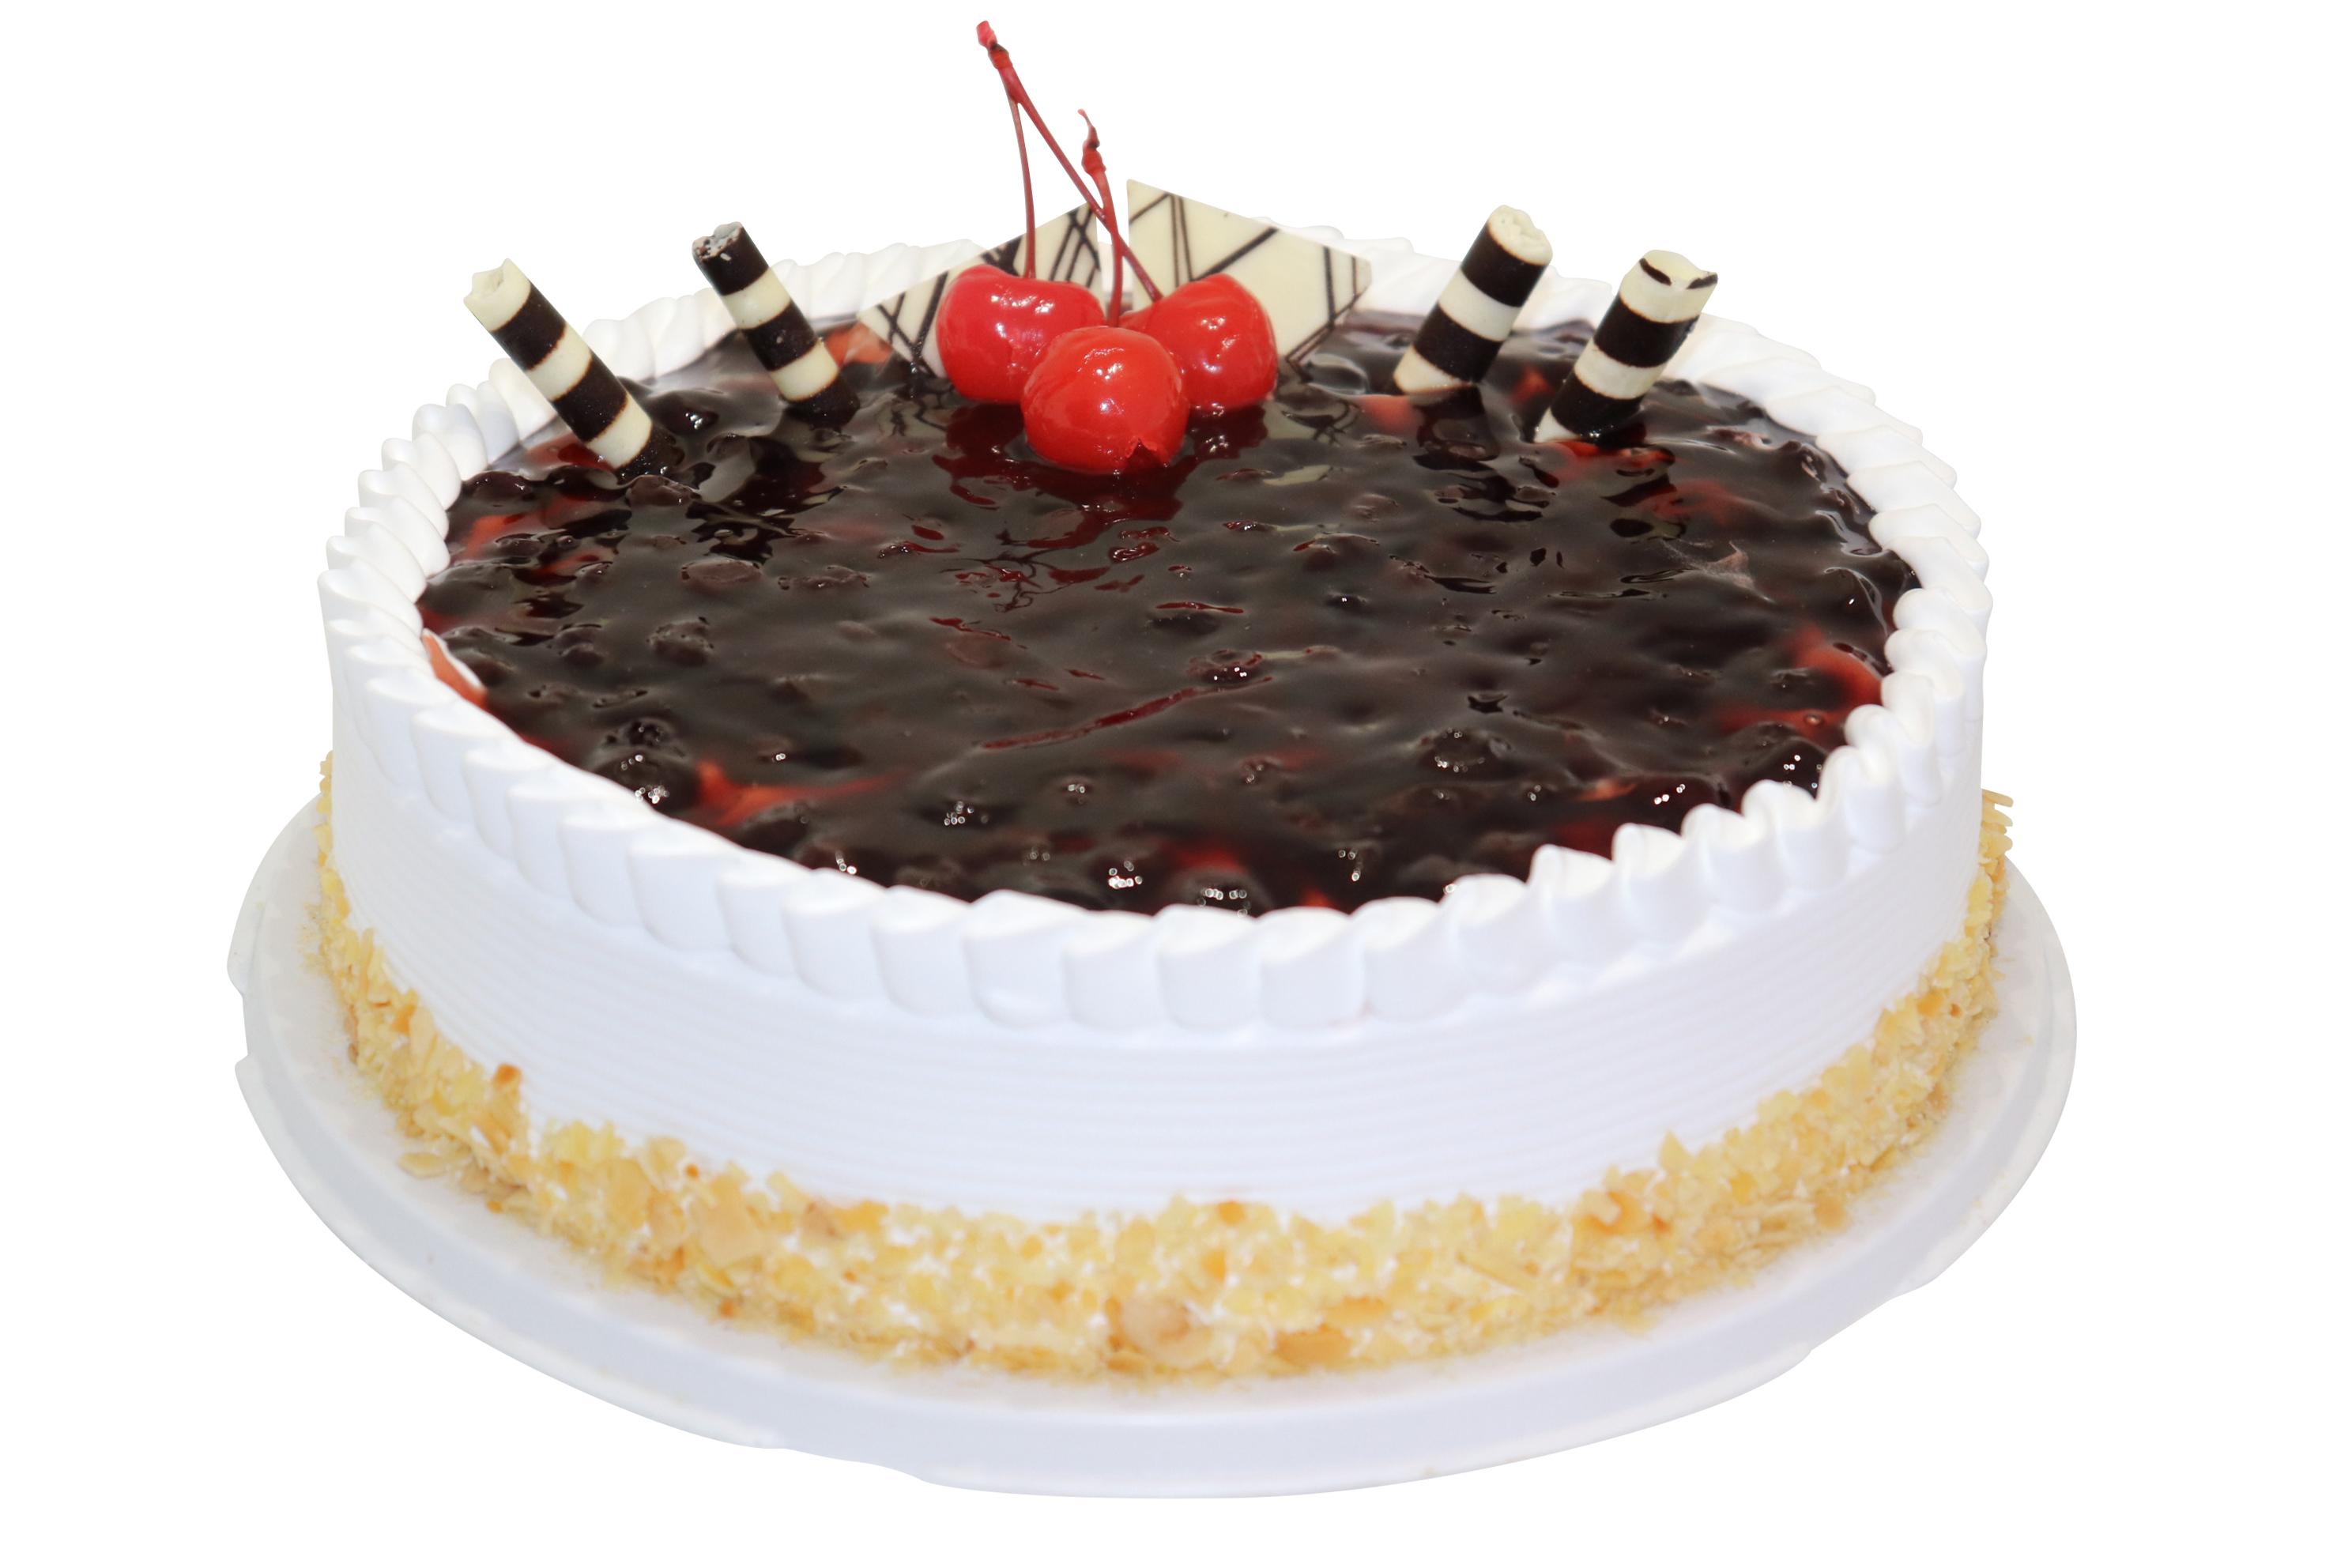 Boston Cheese Blueberry Cake